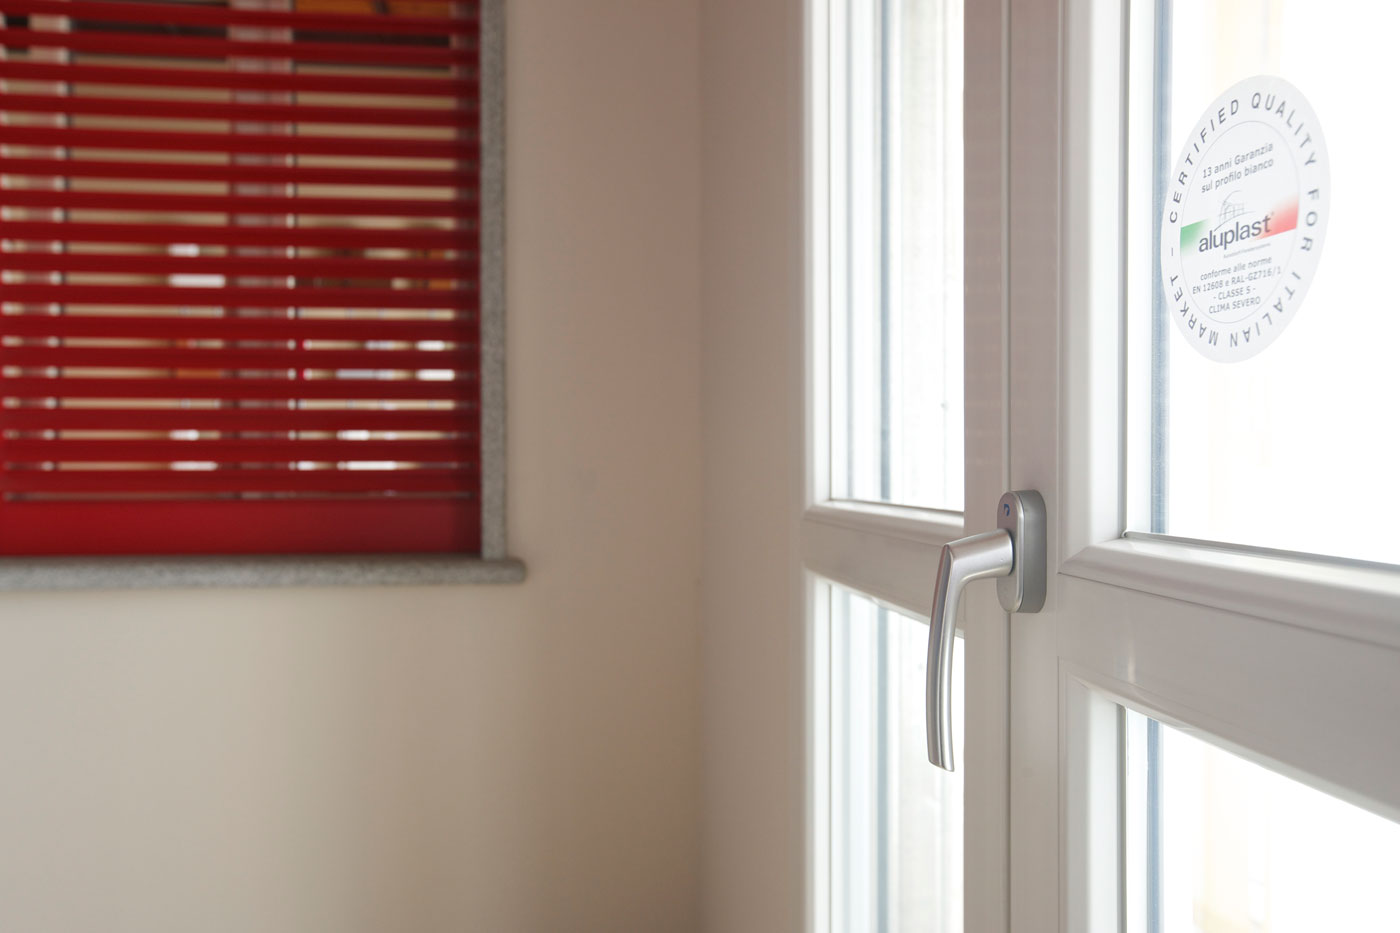 Detrazioni fiscali irpef per i lavoratori dipendenti - Detrazione 65 finestre ...